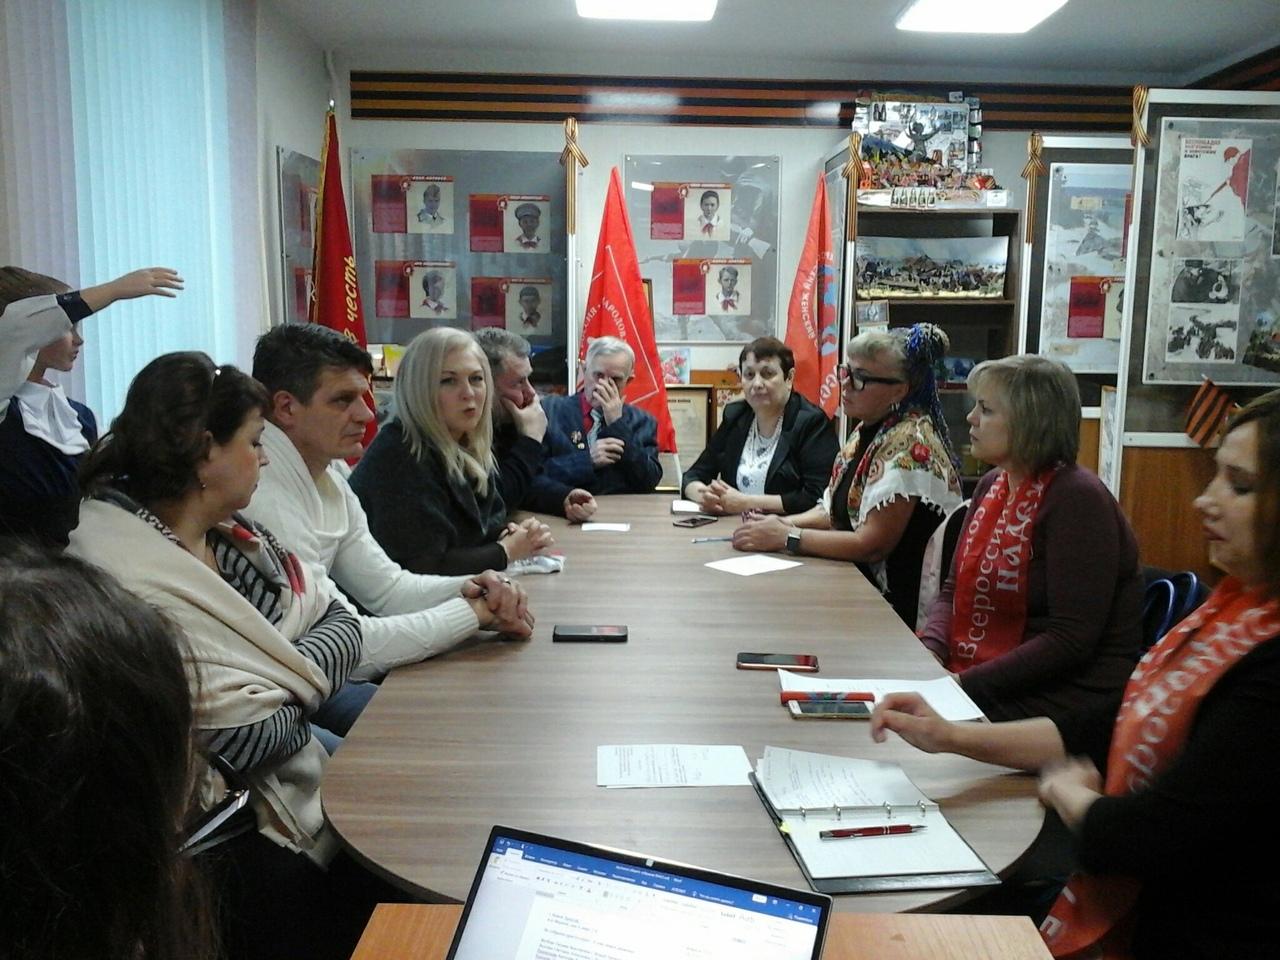 В Новом Уренгое состоялось общее собрание регионального отделения ООД «Всероссийский Женский Союз - Надежда России»